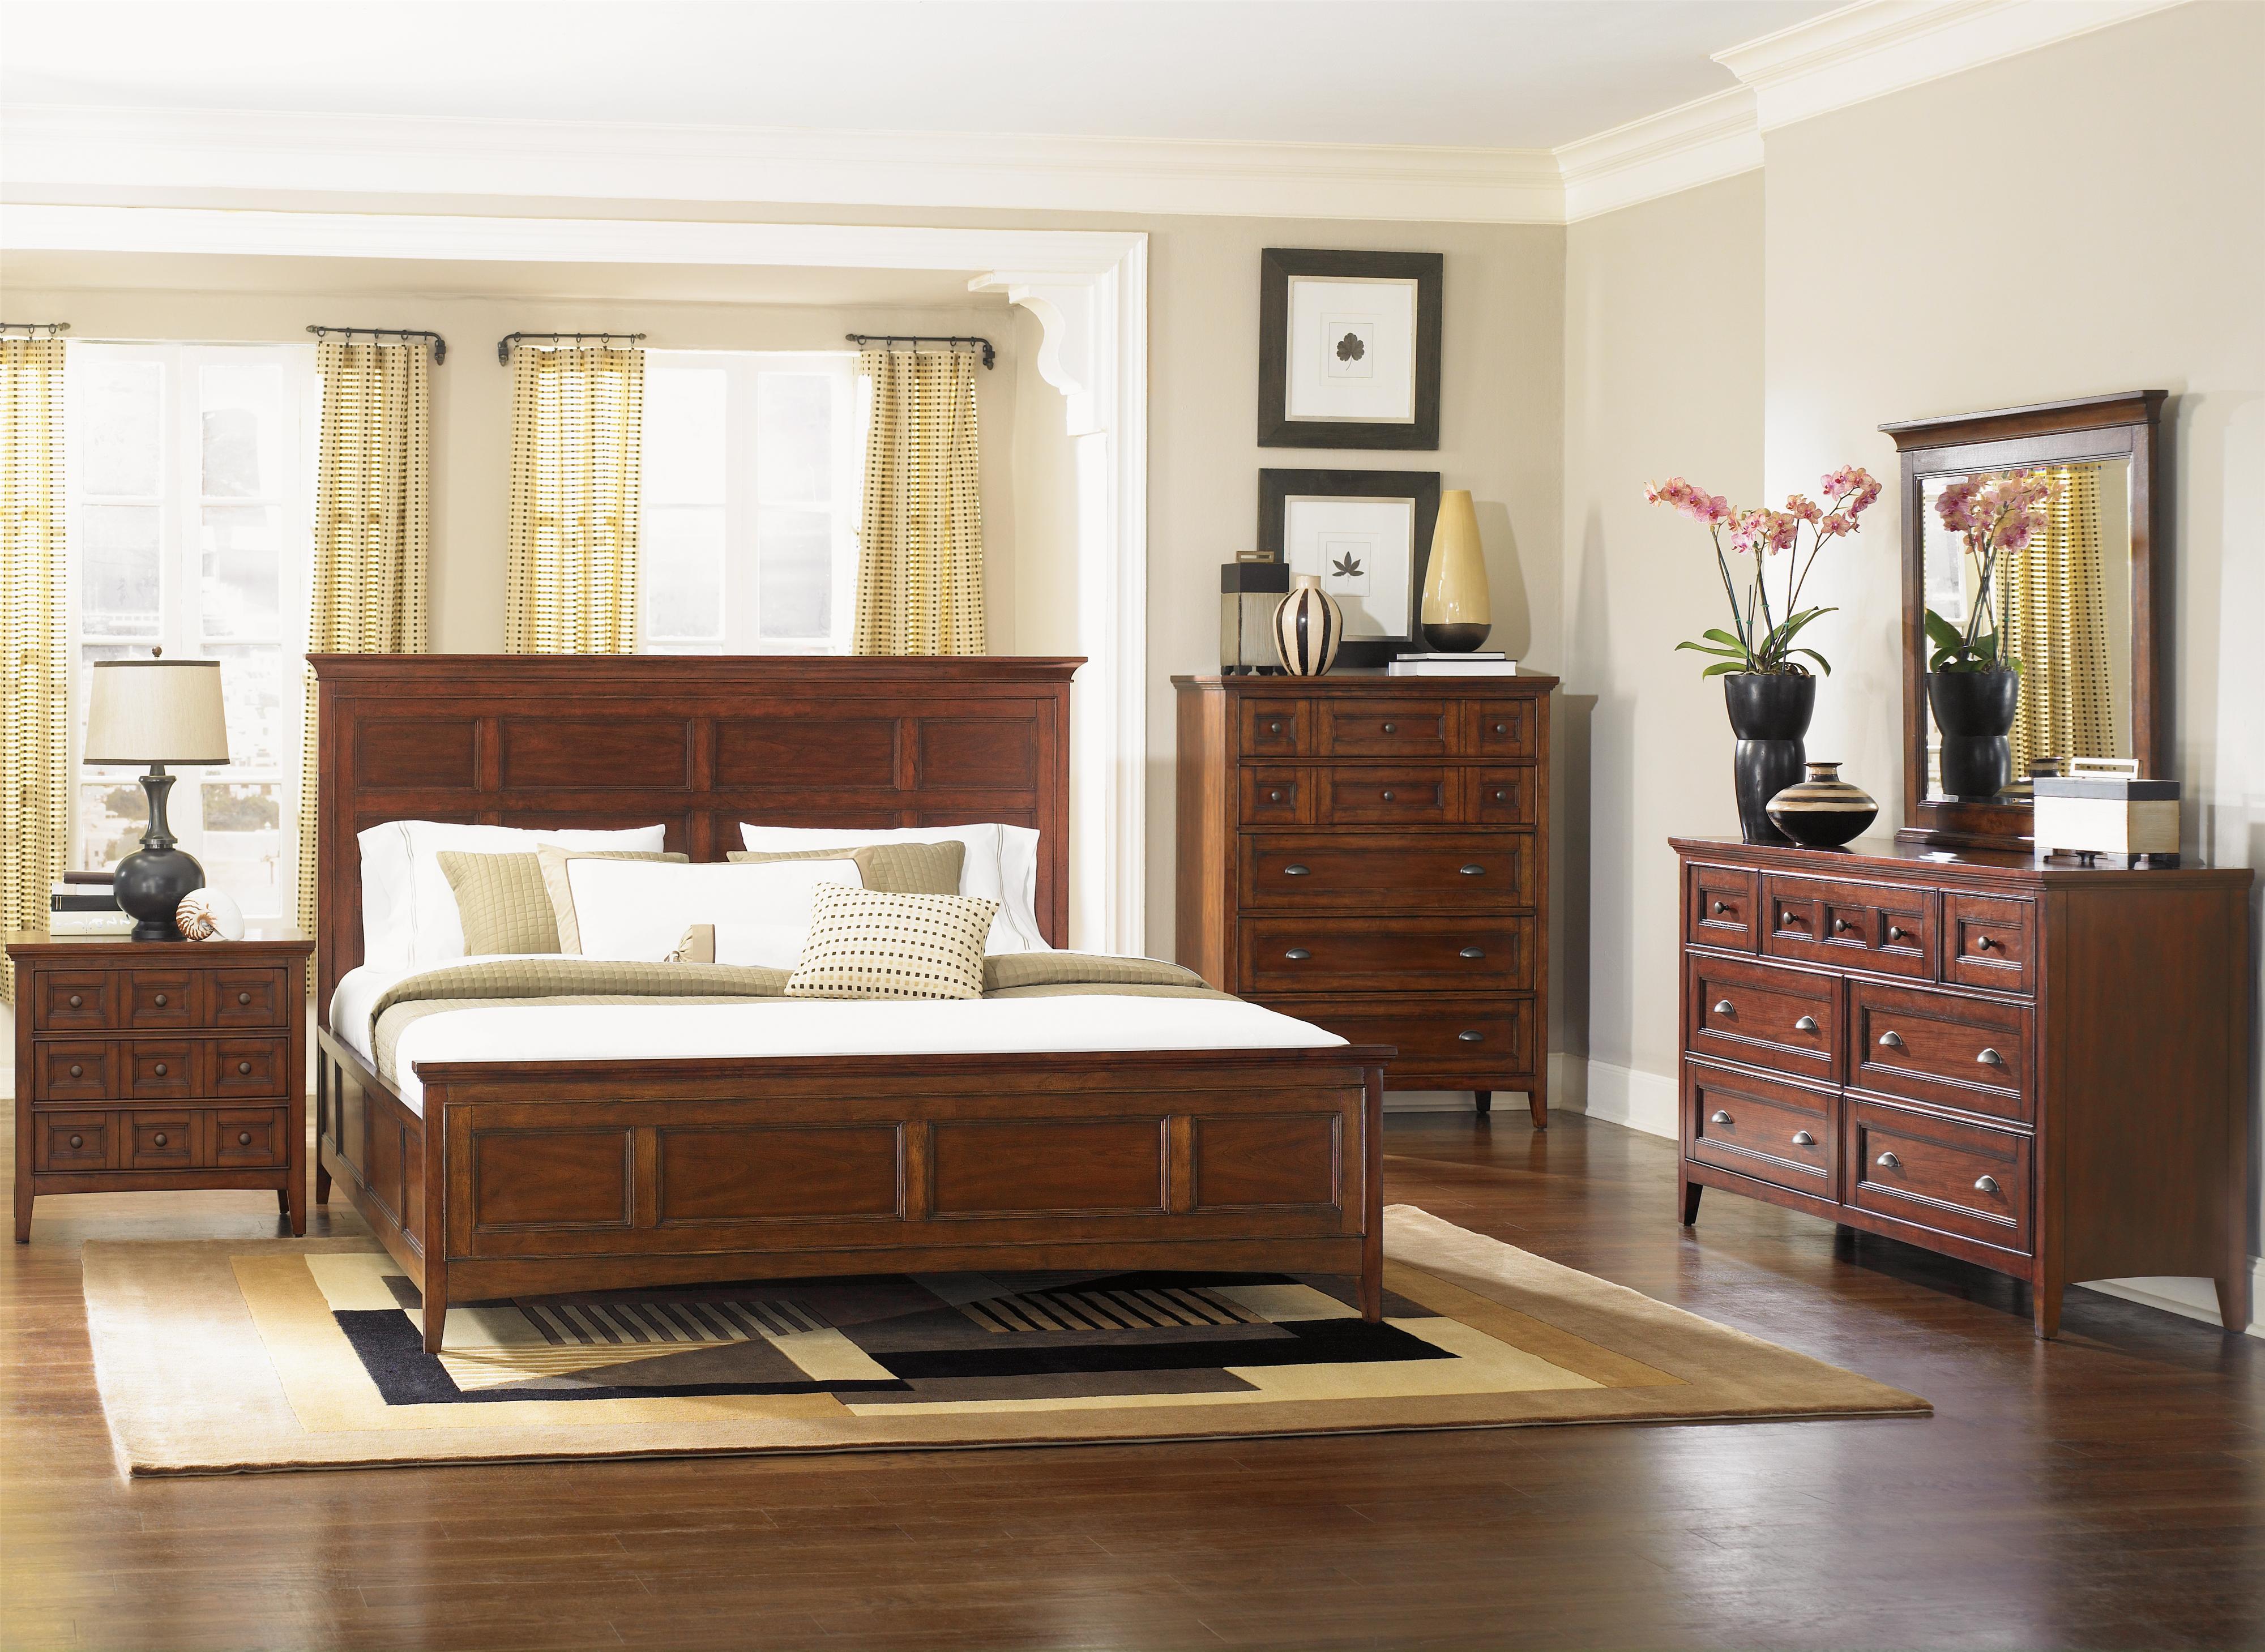 Magnussen Home Harrison Queen Bedroom Group - Item Number: B1398 Q Bedroom Group 1